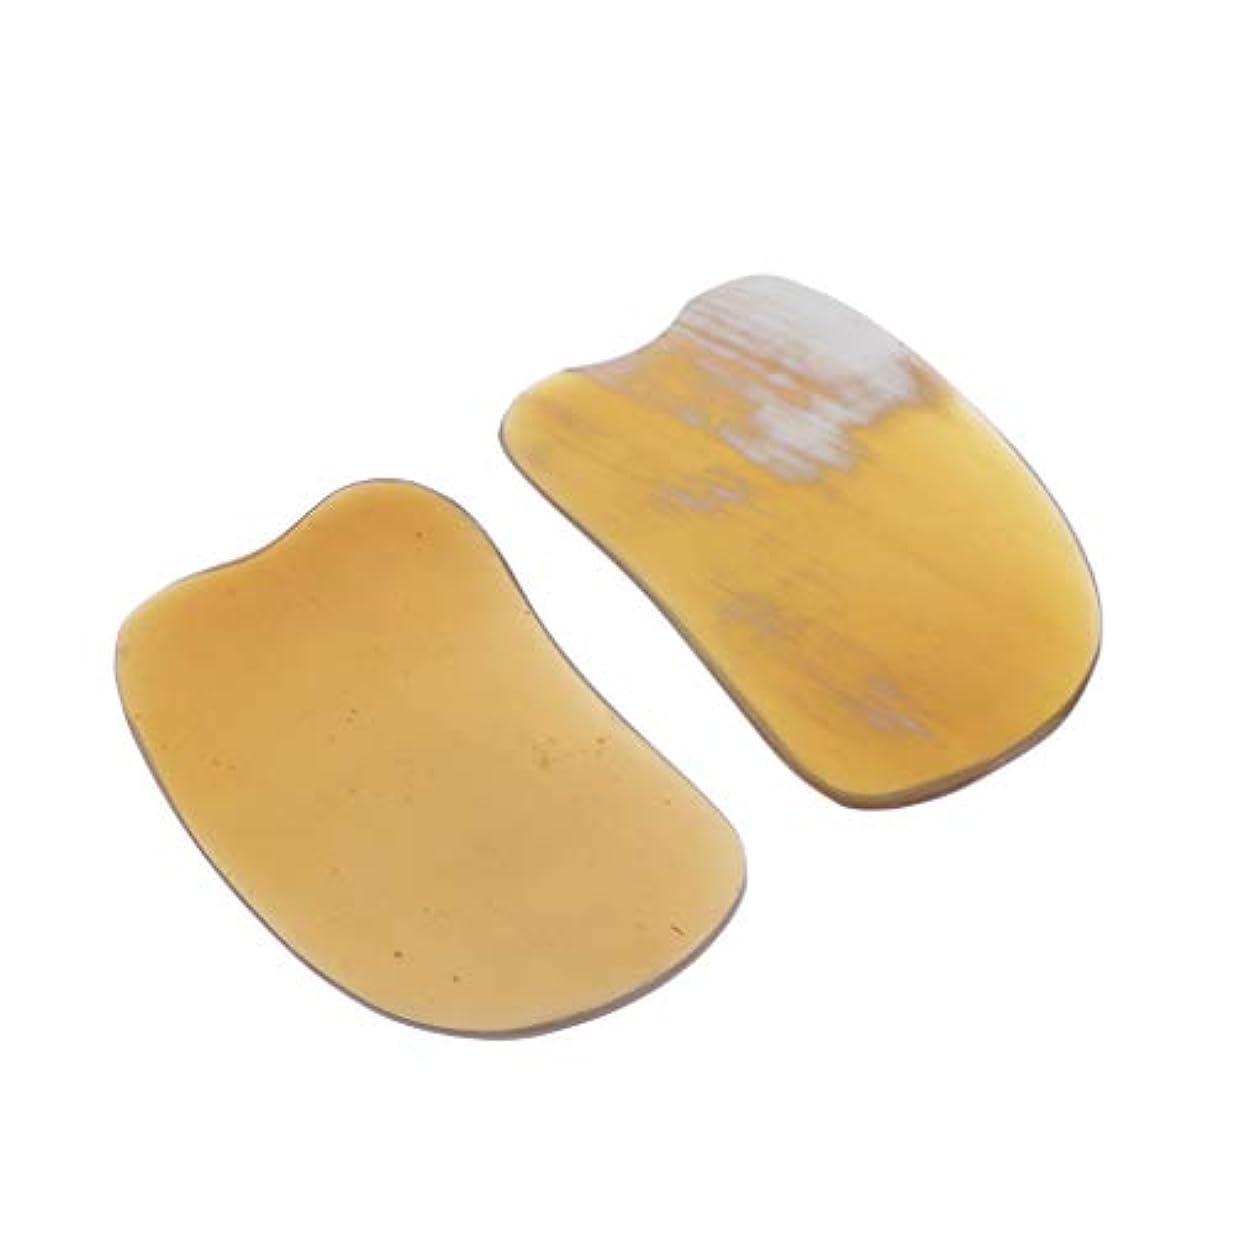 憤るライトニング混合P Prettyia ナチュラル ボディフェイシャルグアシャ 削り盤ハンドヘルドスパ マッサージツール 全4サイズ - 02